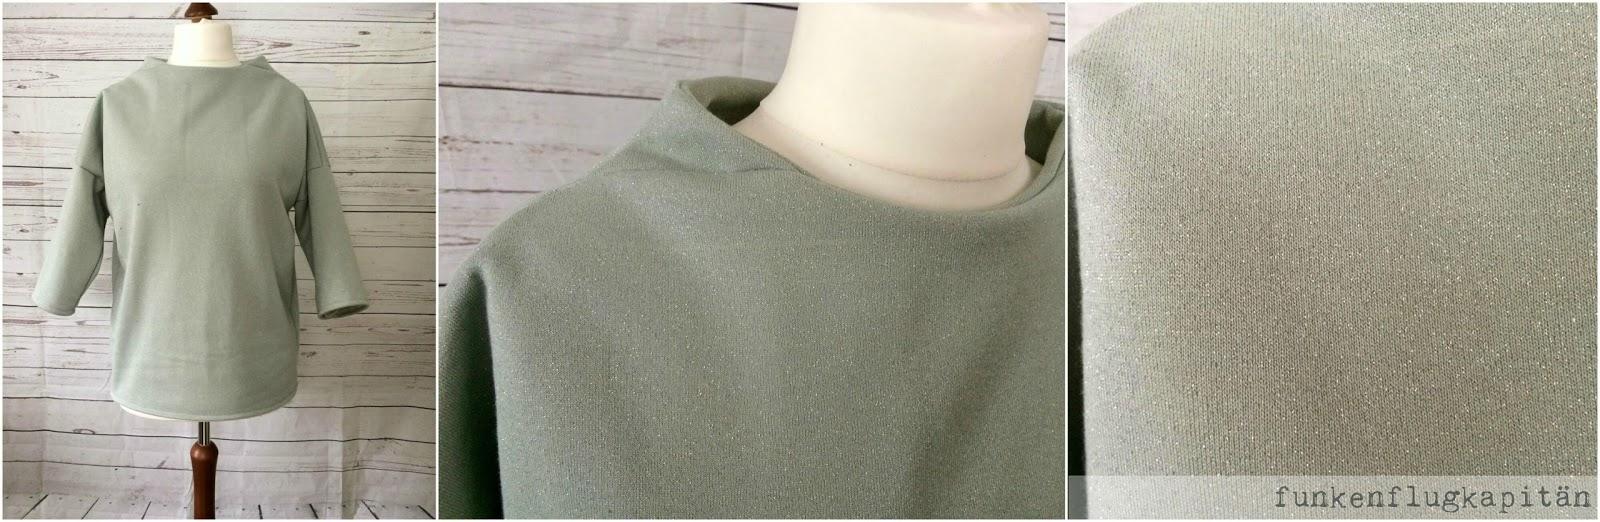 Pullover+Sweat+stehkragen+mint+mit+Glitzer.jpg